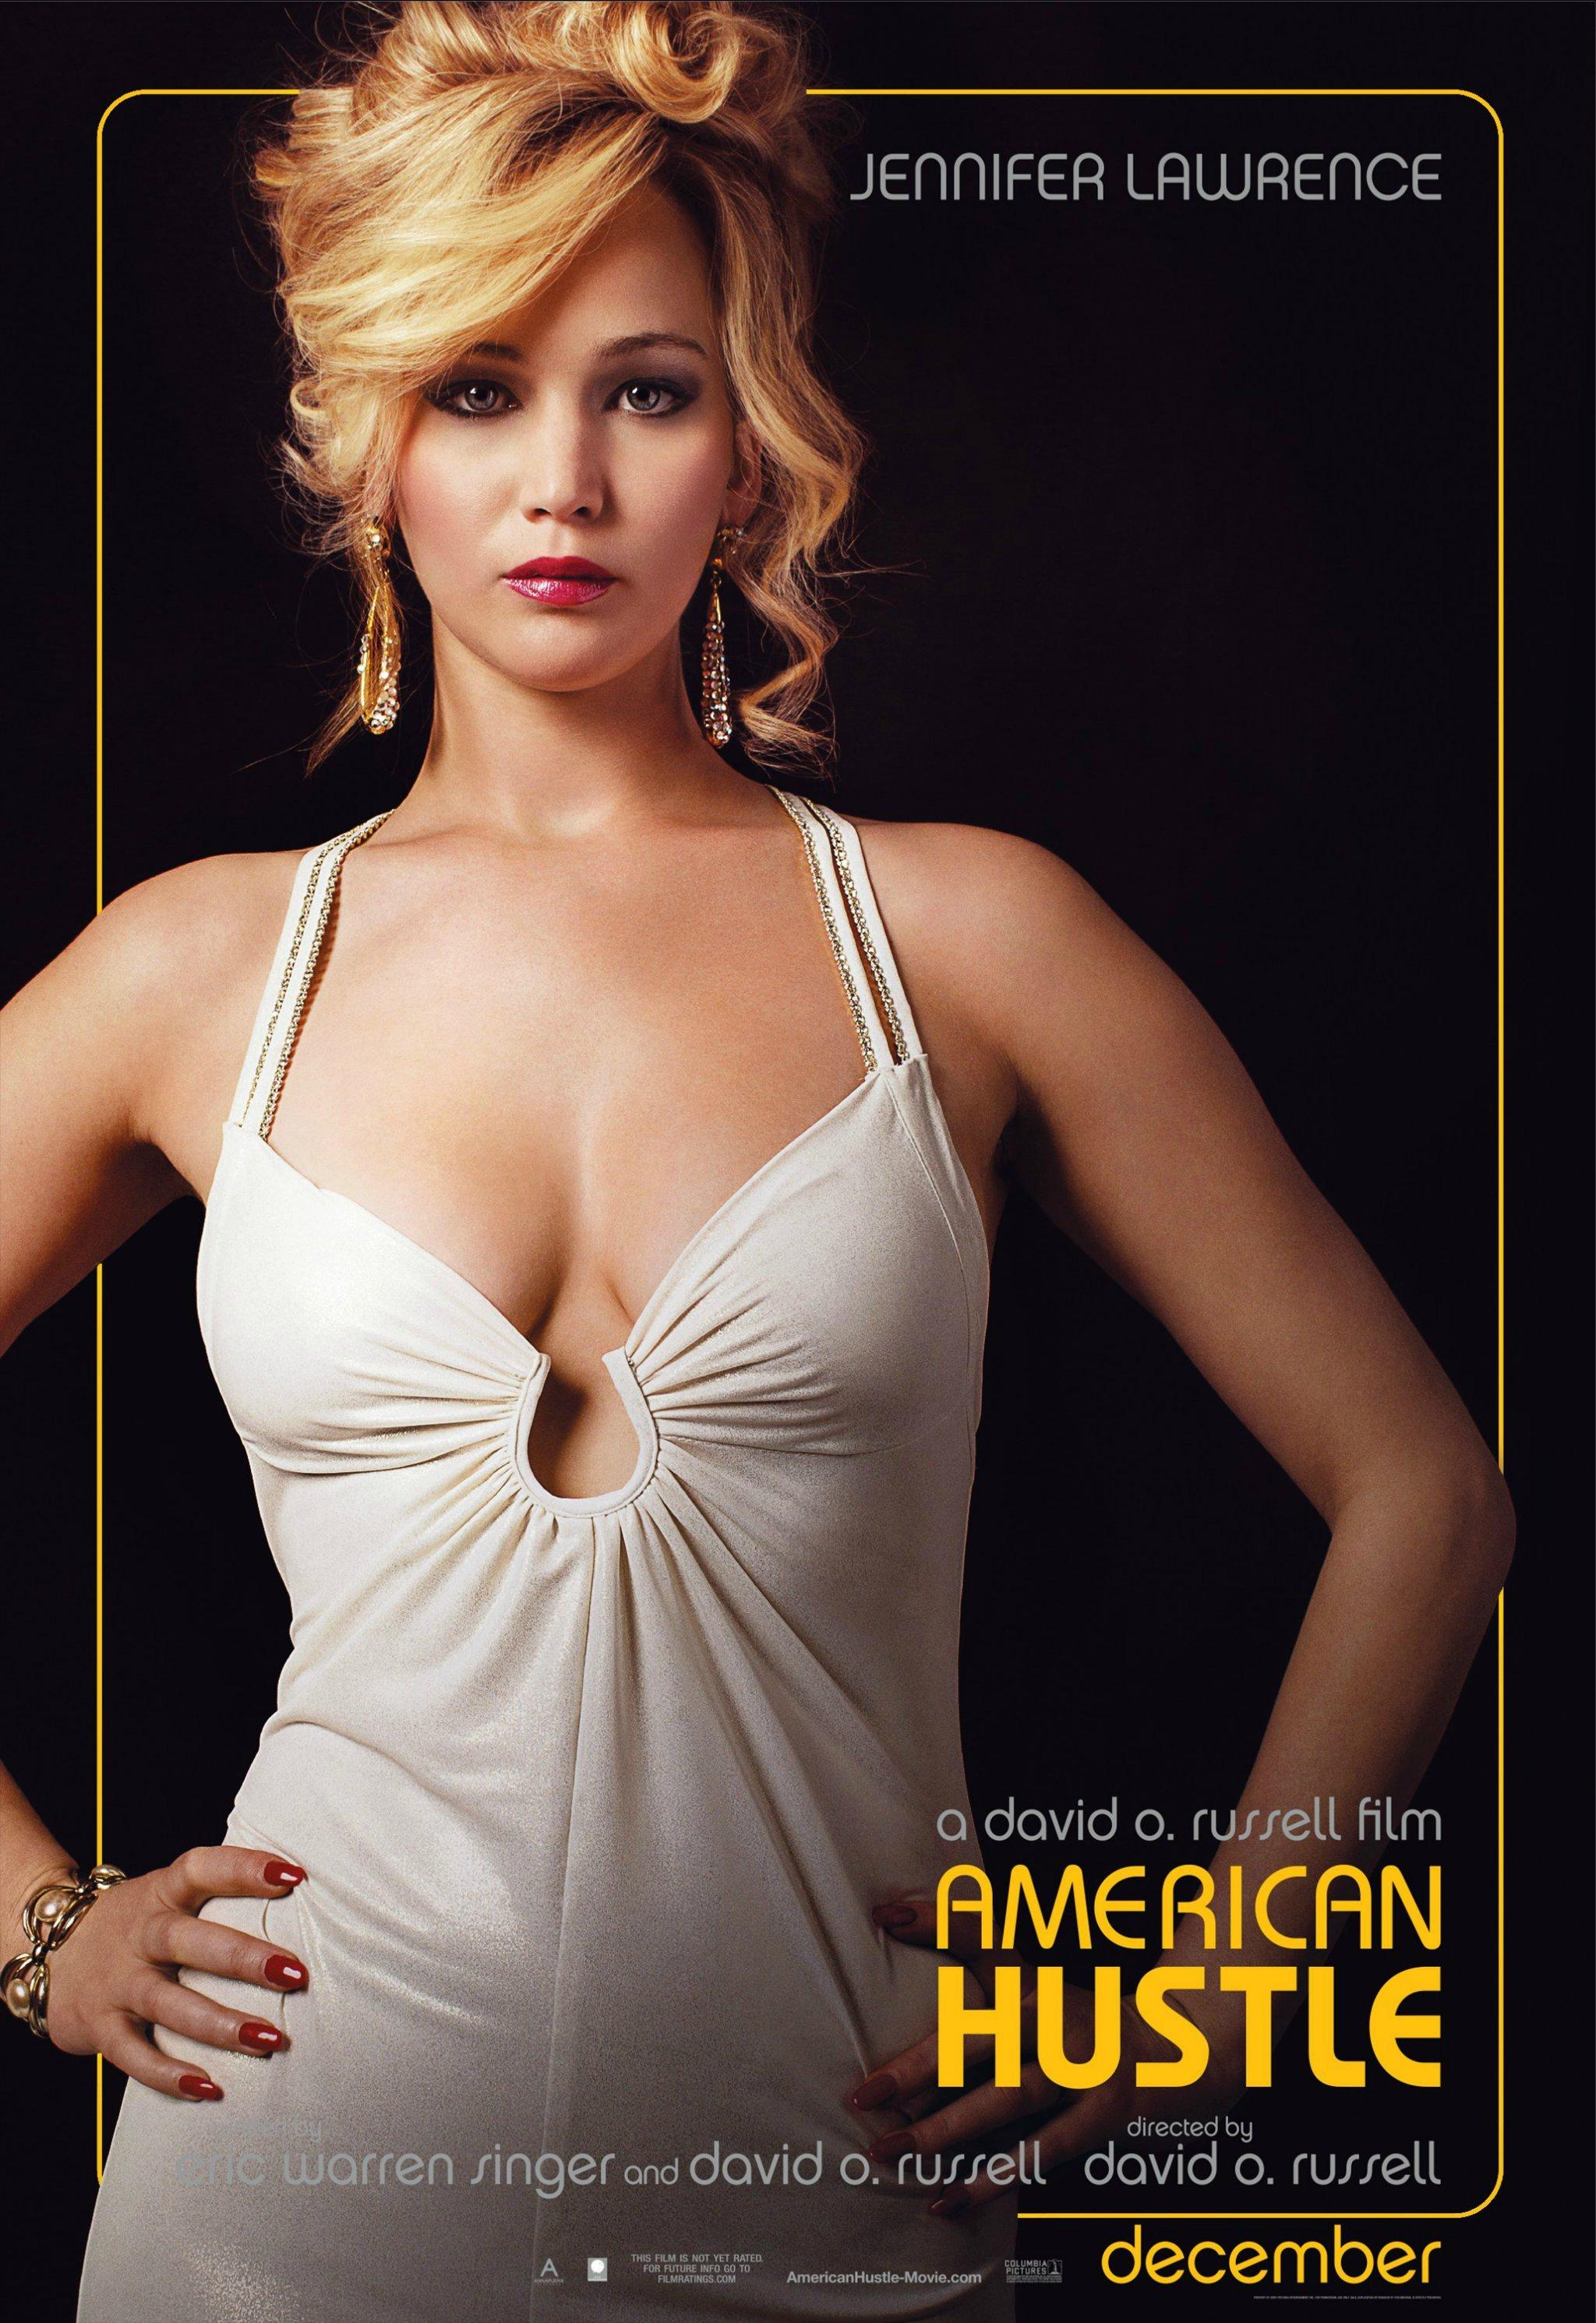 《美国骗局》(American Hustle)角色海报以及预告#2 贝尔再秀体重超能力